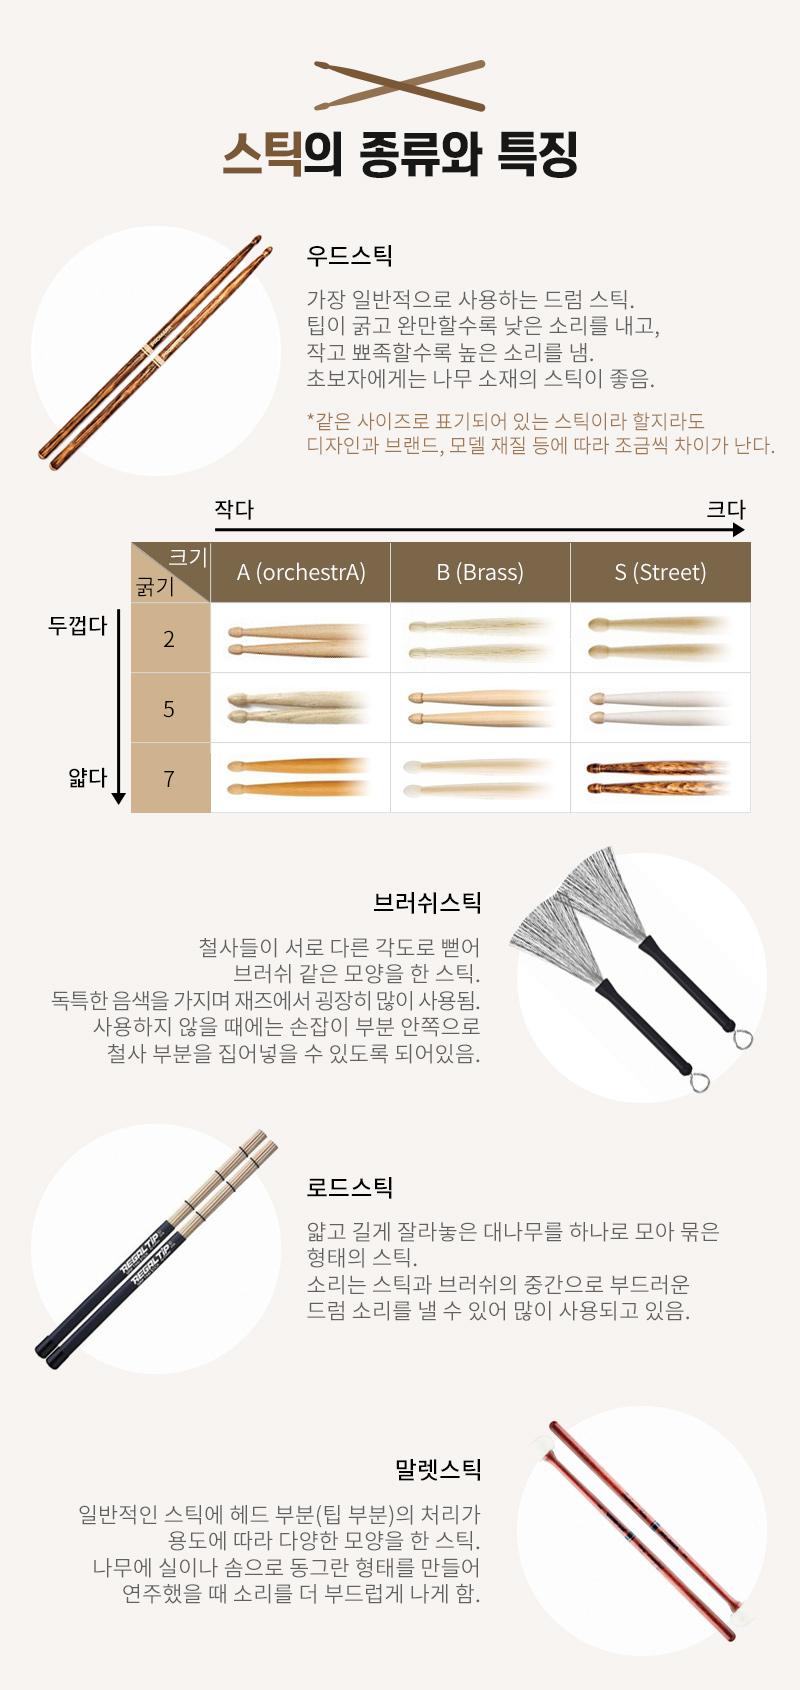 스틱의 종류와 특징